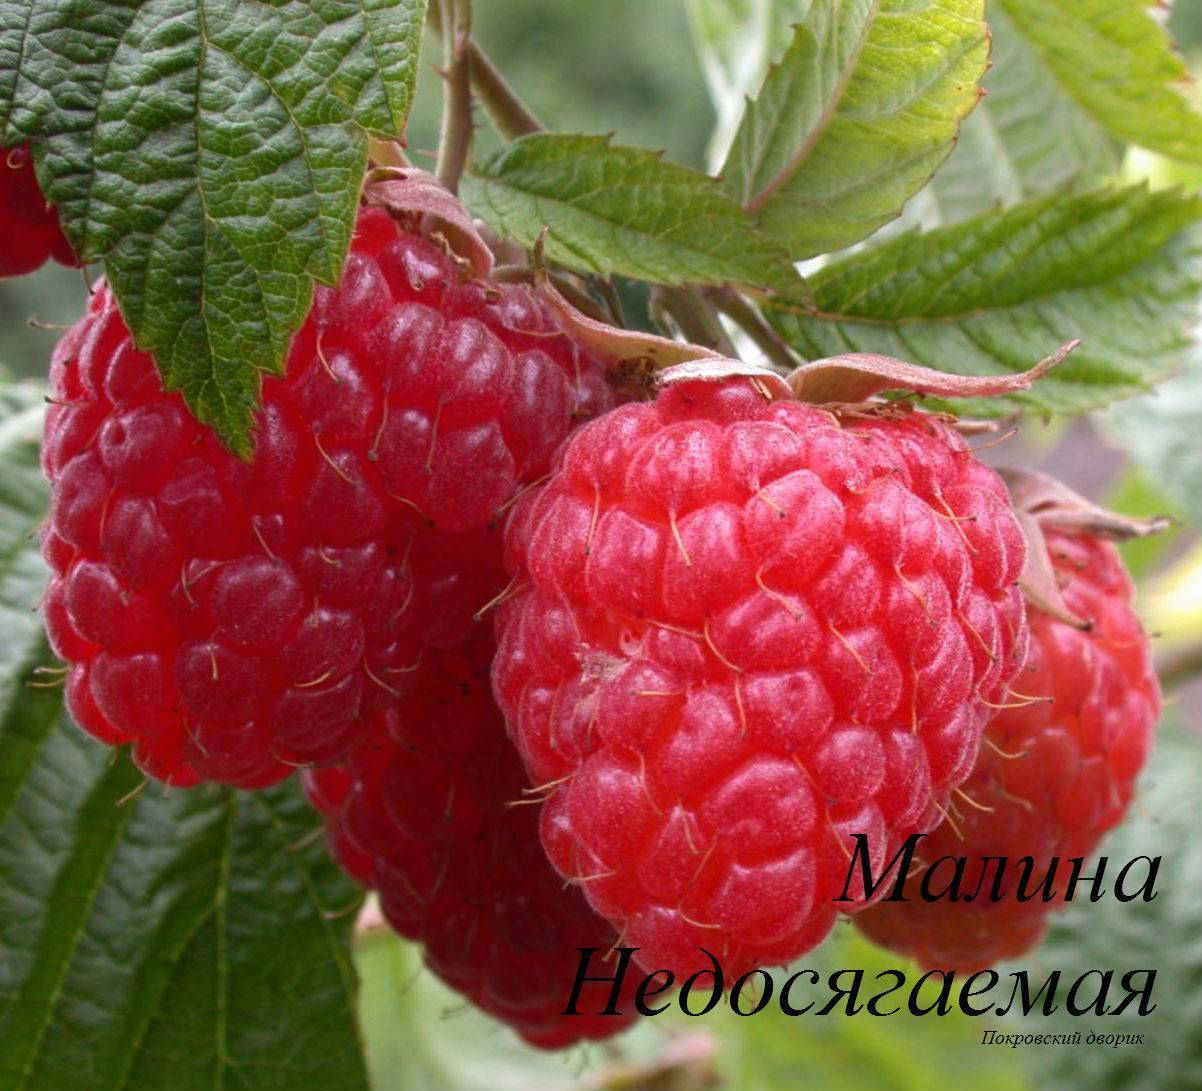 Малина: описание 22 лучших сортов, характеристики и отзывы садоводов | (фото & видео)